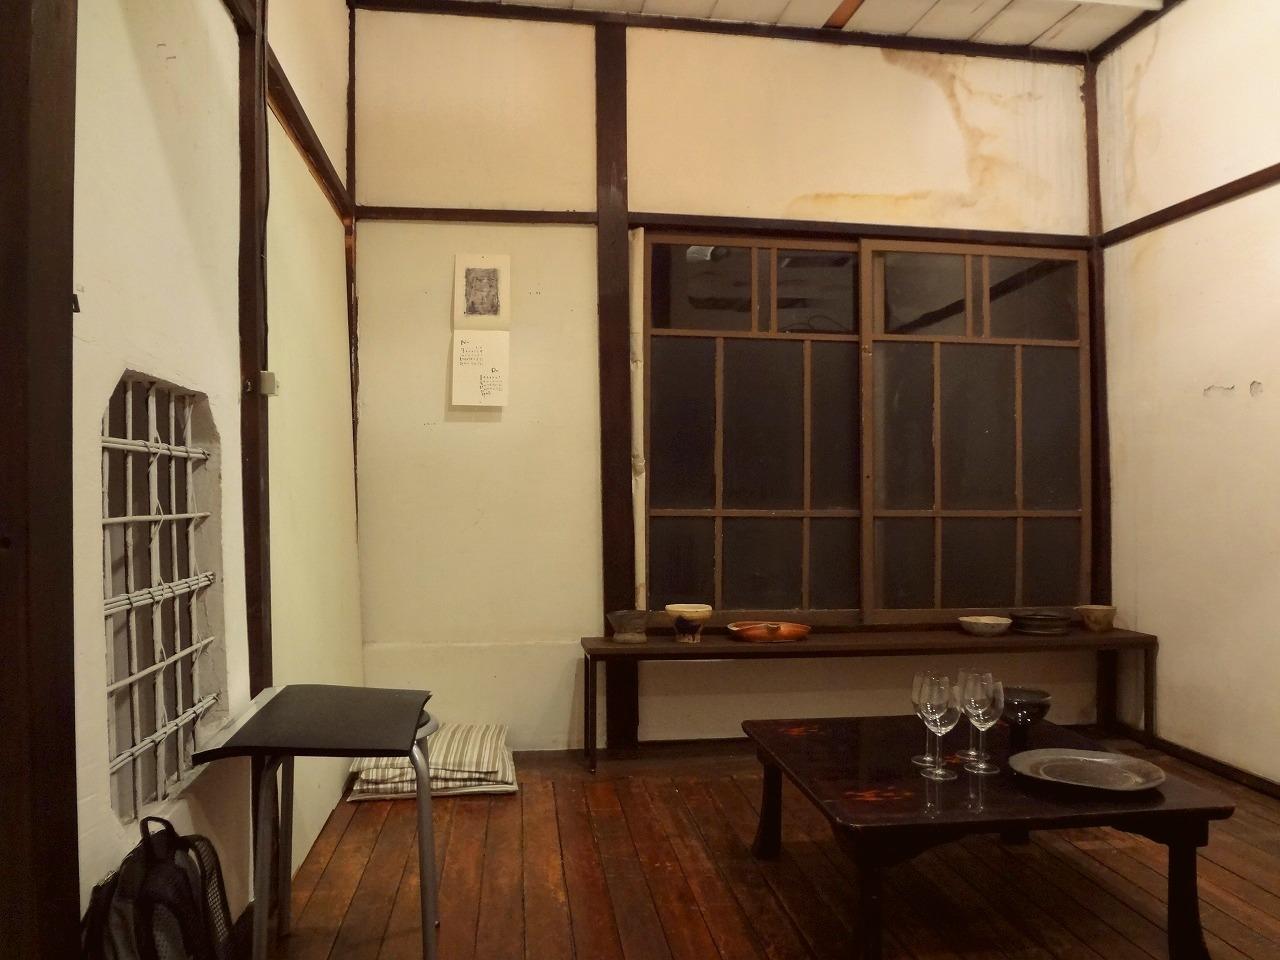 そら塾│古建築のアートスペース その2_b0274159_00341216.jpg